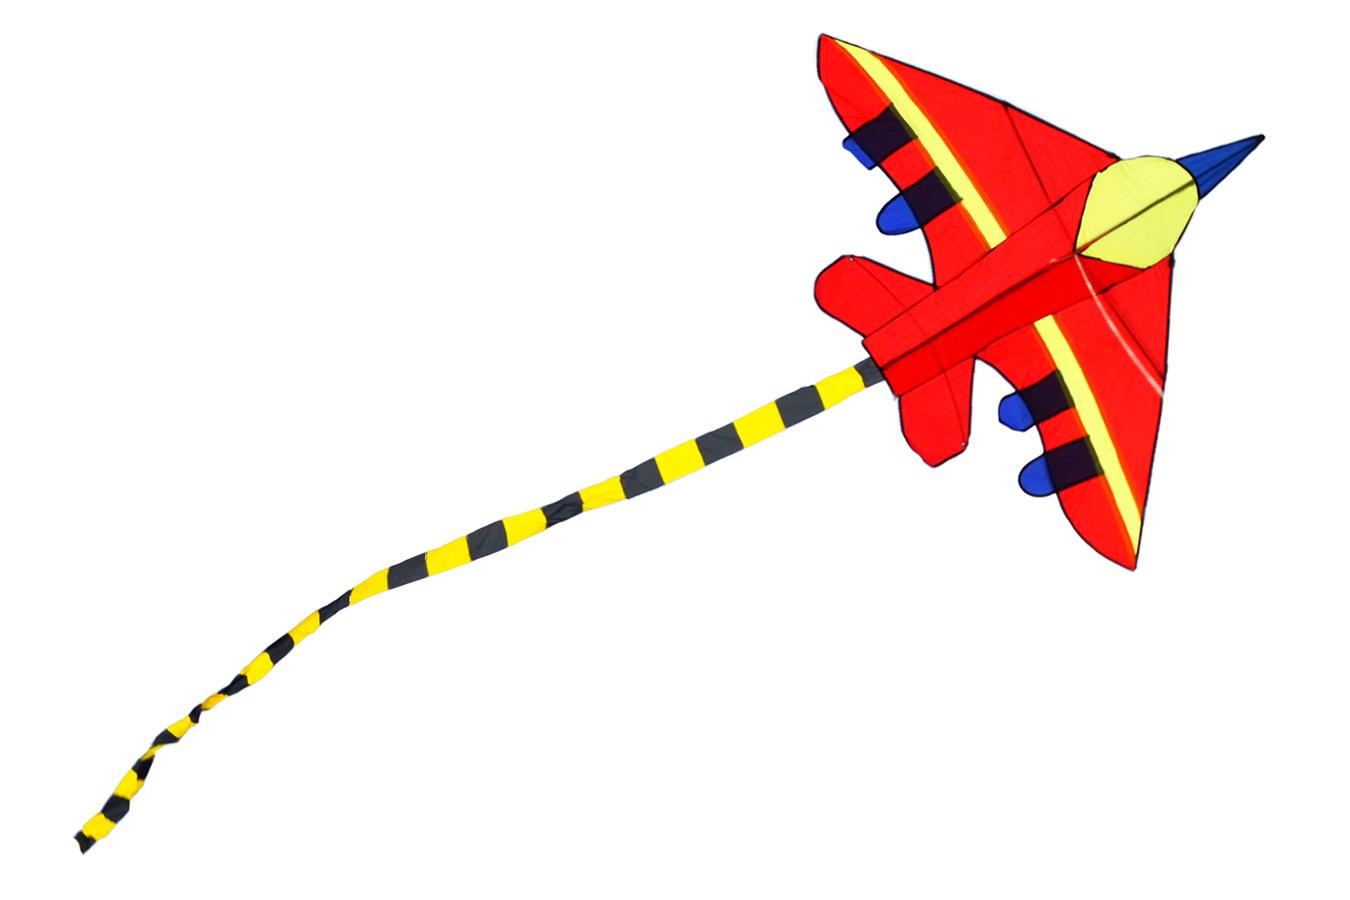 Змей воздушный реактивный Дасти [ZVRD]